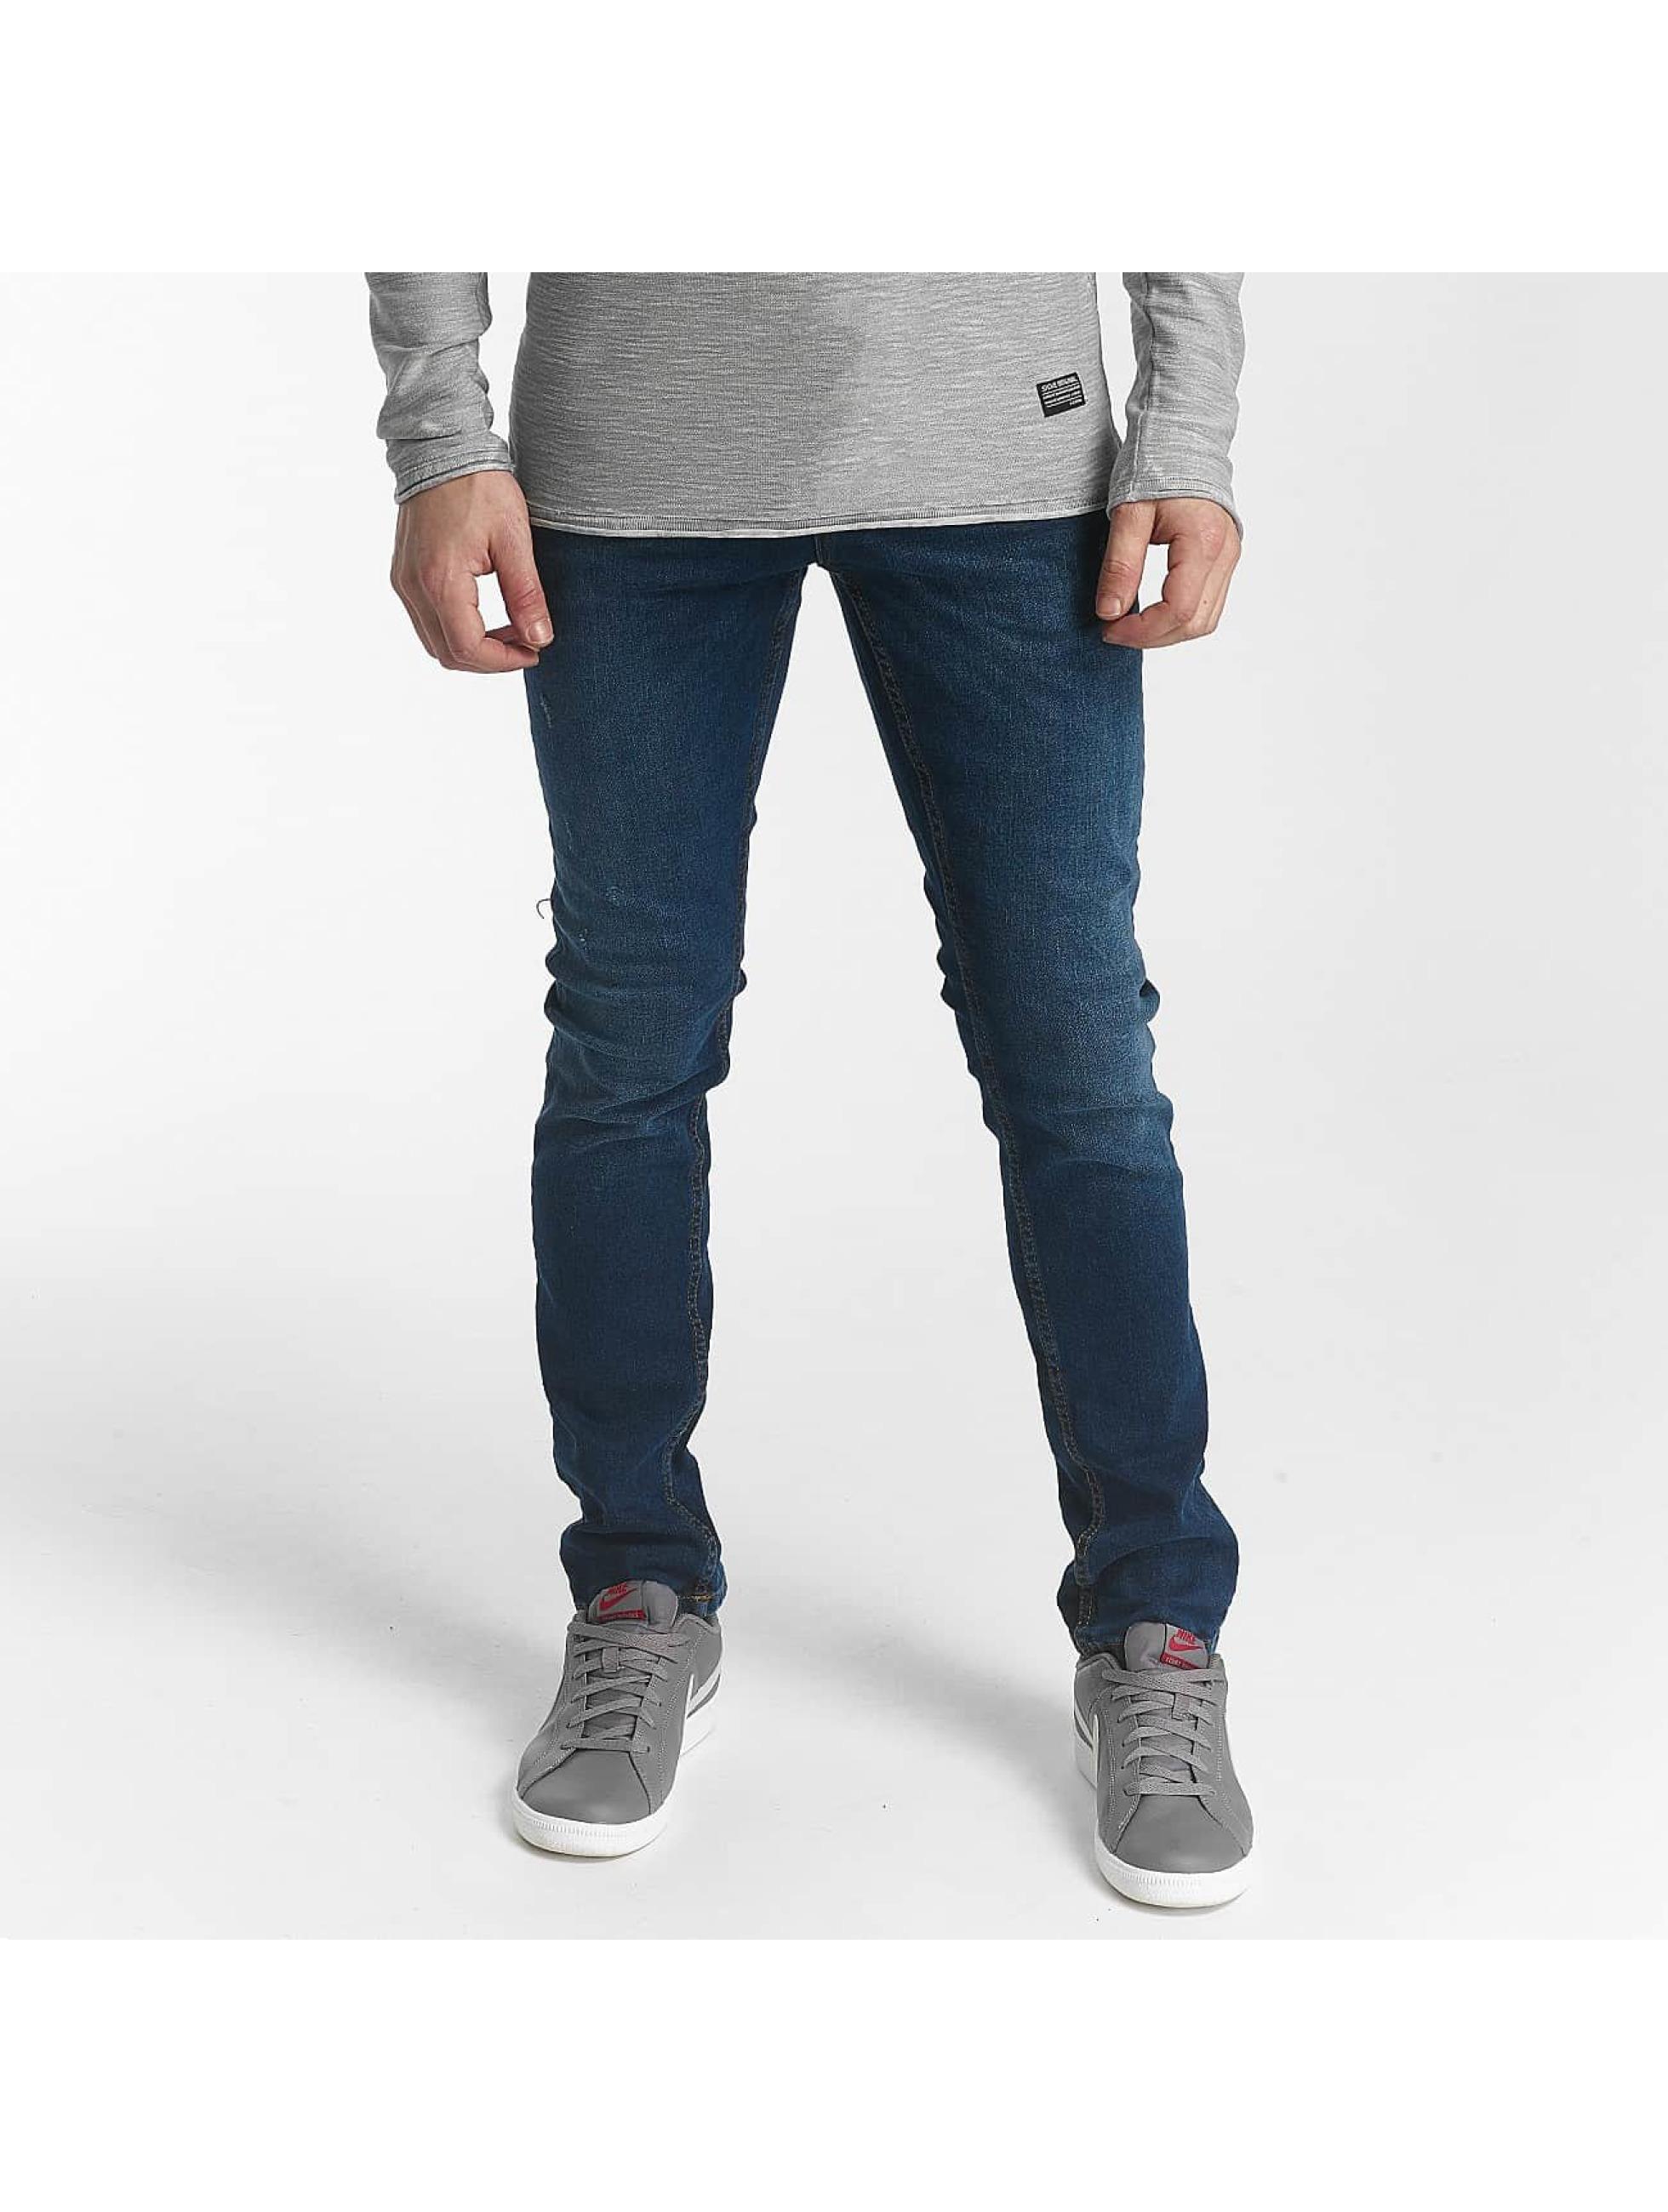 2Y / Skinny Jeans Zack in blue W 36